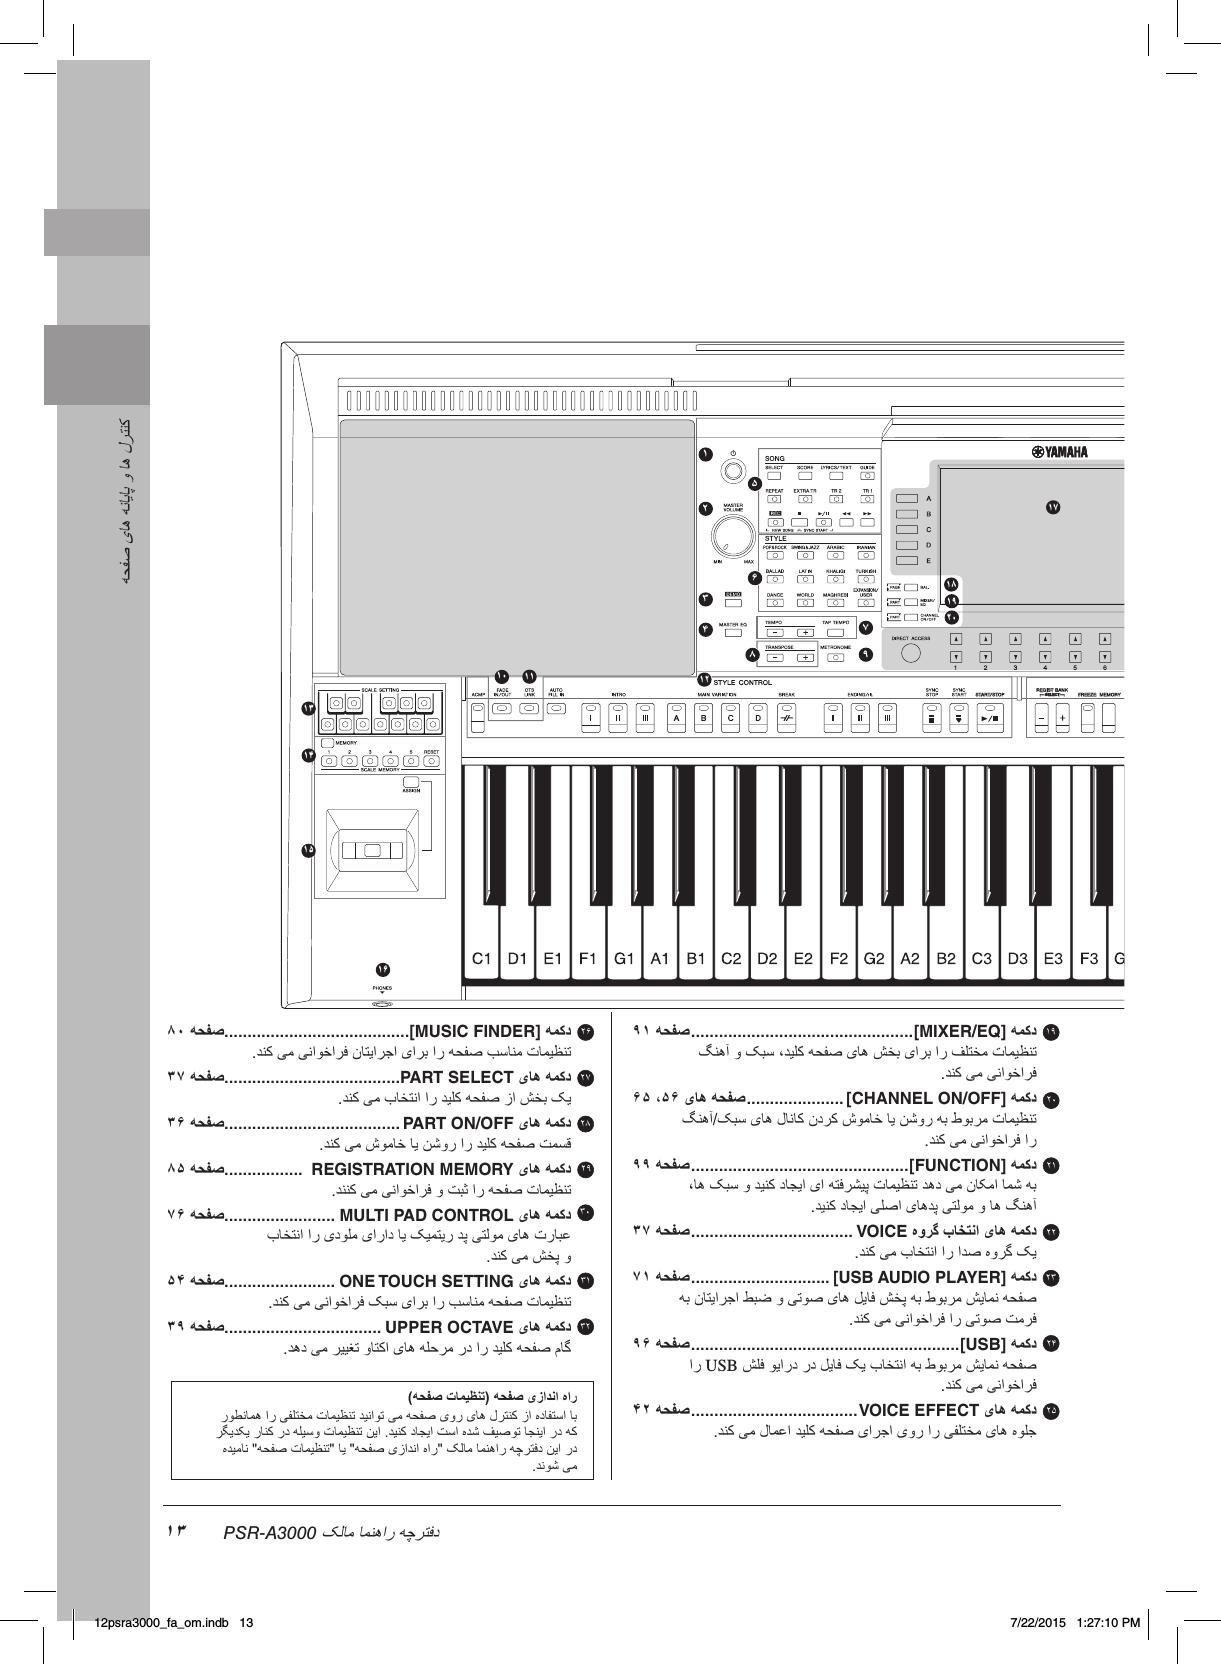 Yamaha PSR A3000 Owner's Manual Psra3000 Fa Om A0